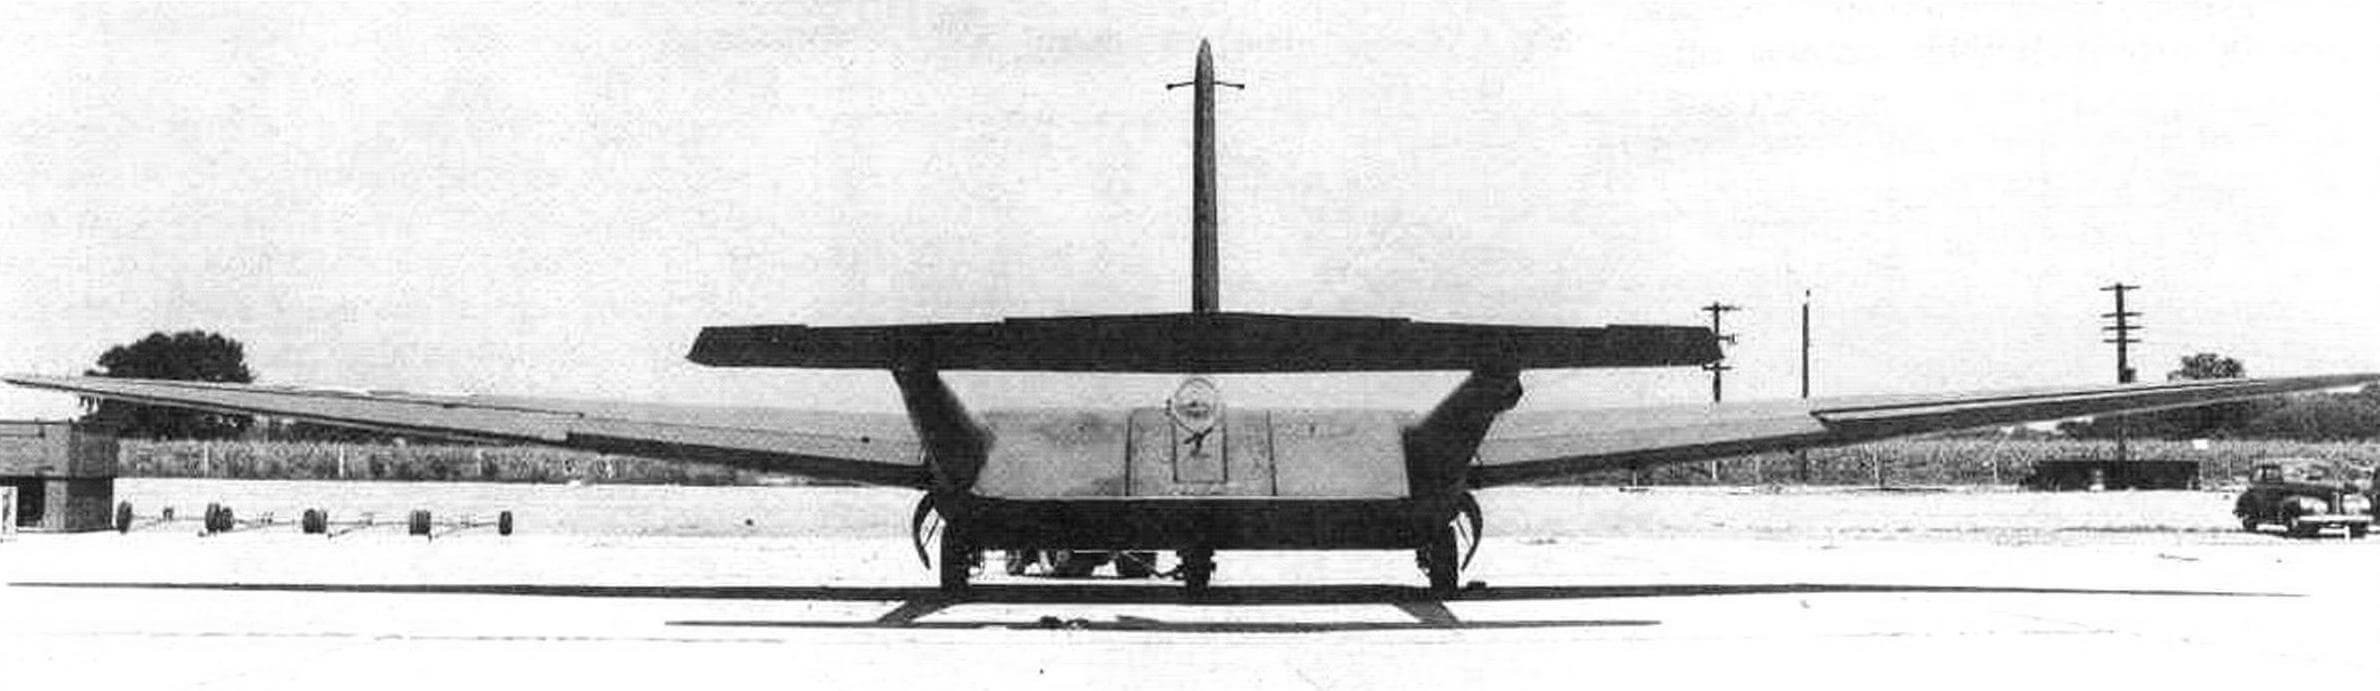 XCG-16, вид сзади